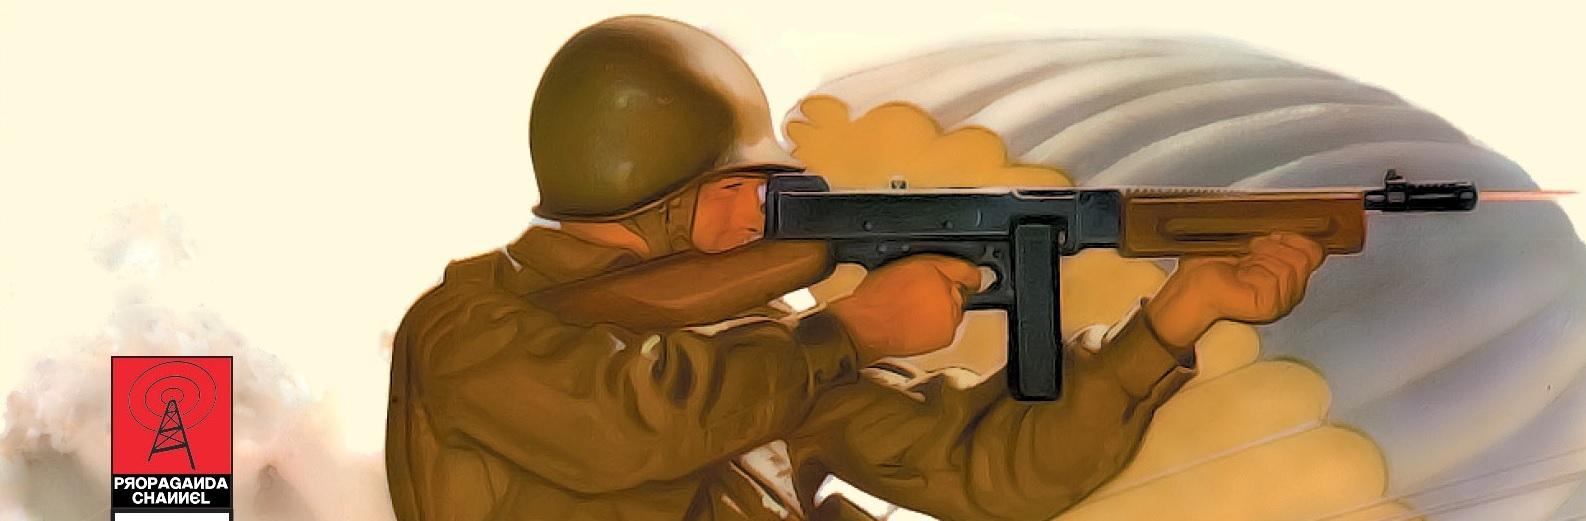 Combat Illustrated